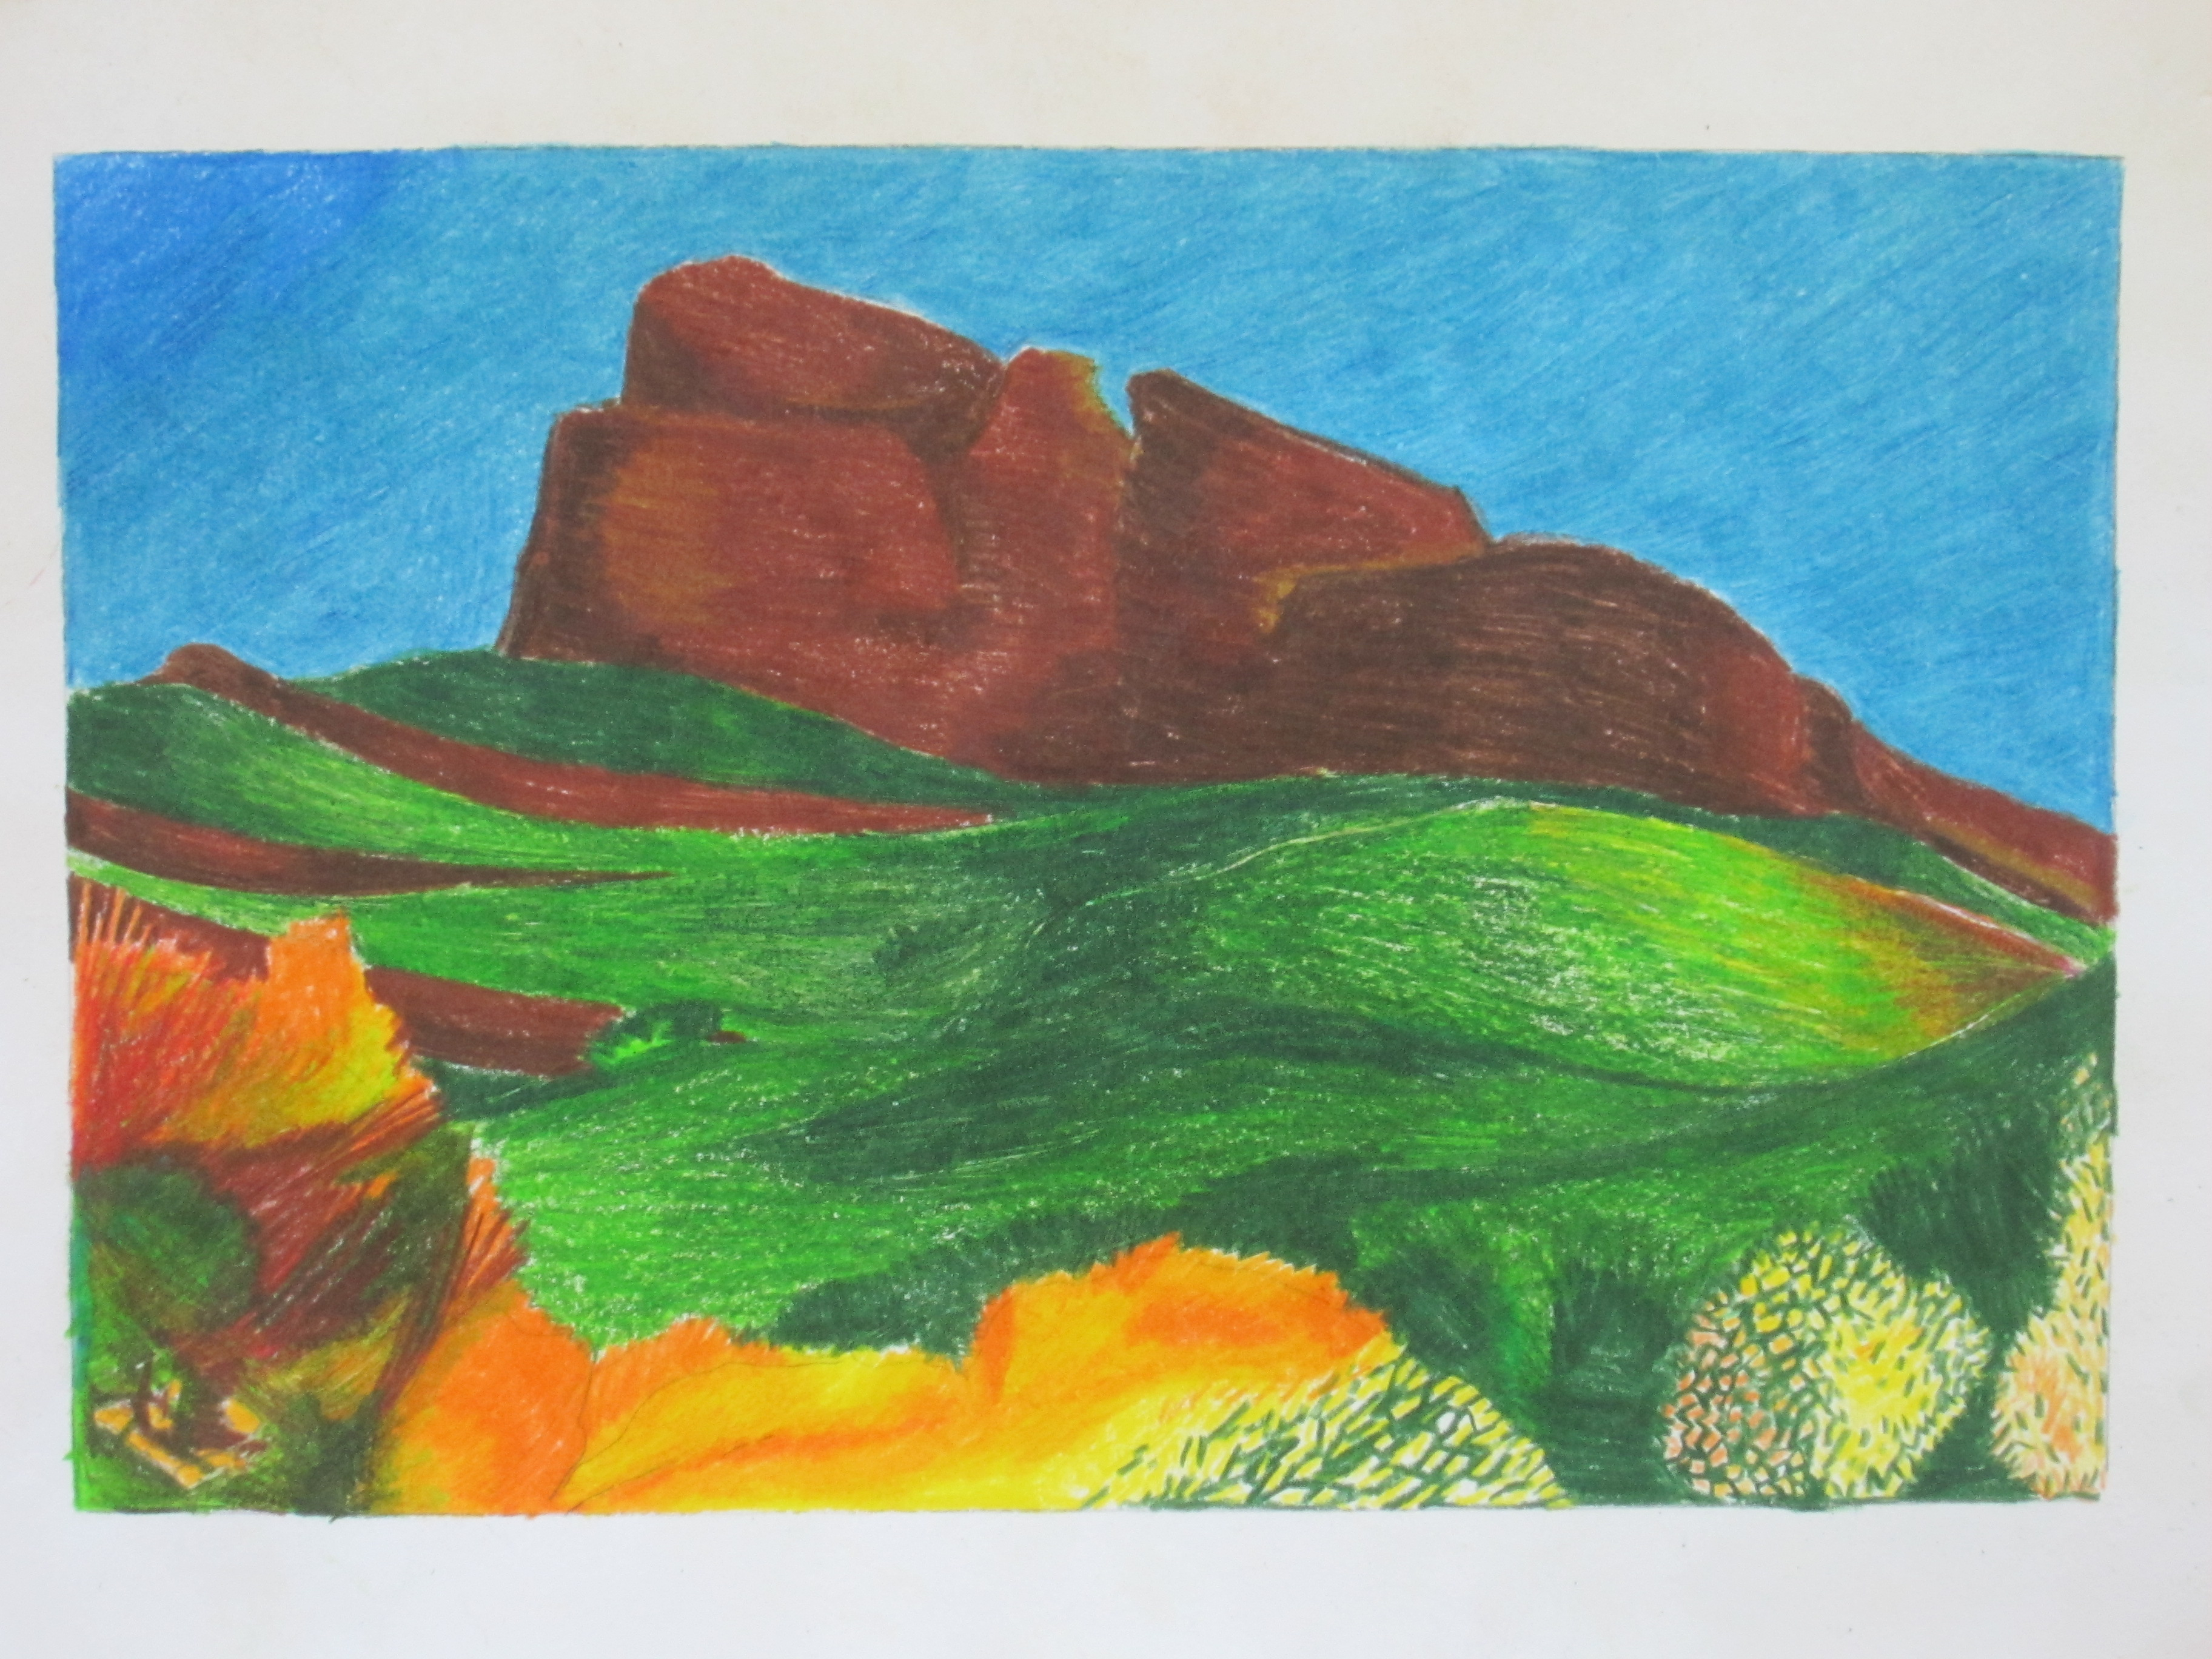 Mención especial: Daniel Pueyo. Lápices de colores.